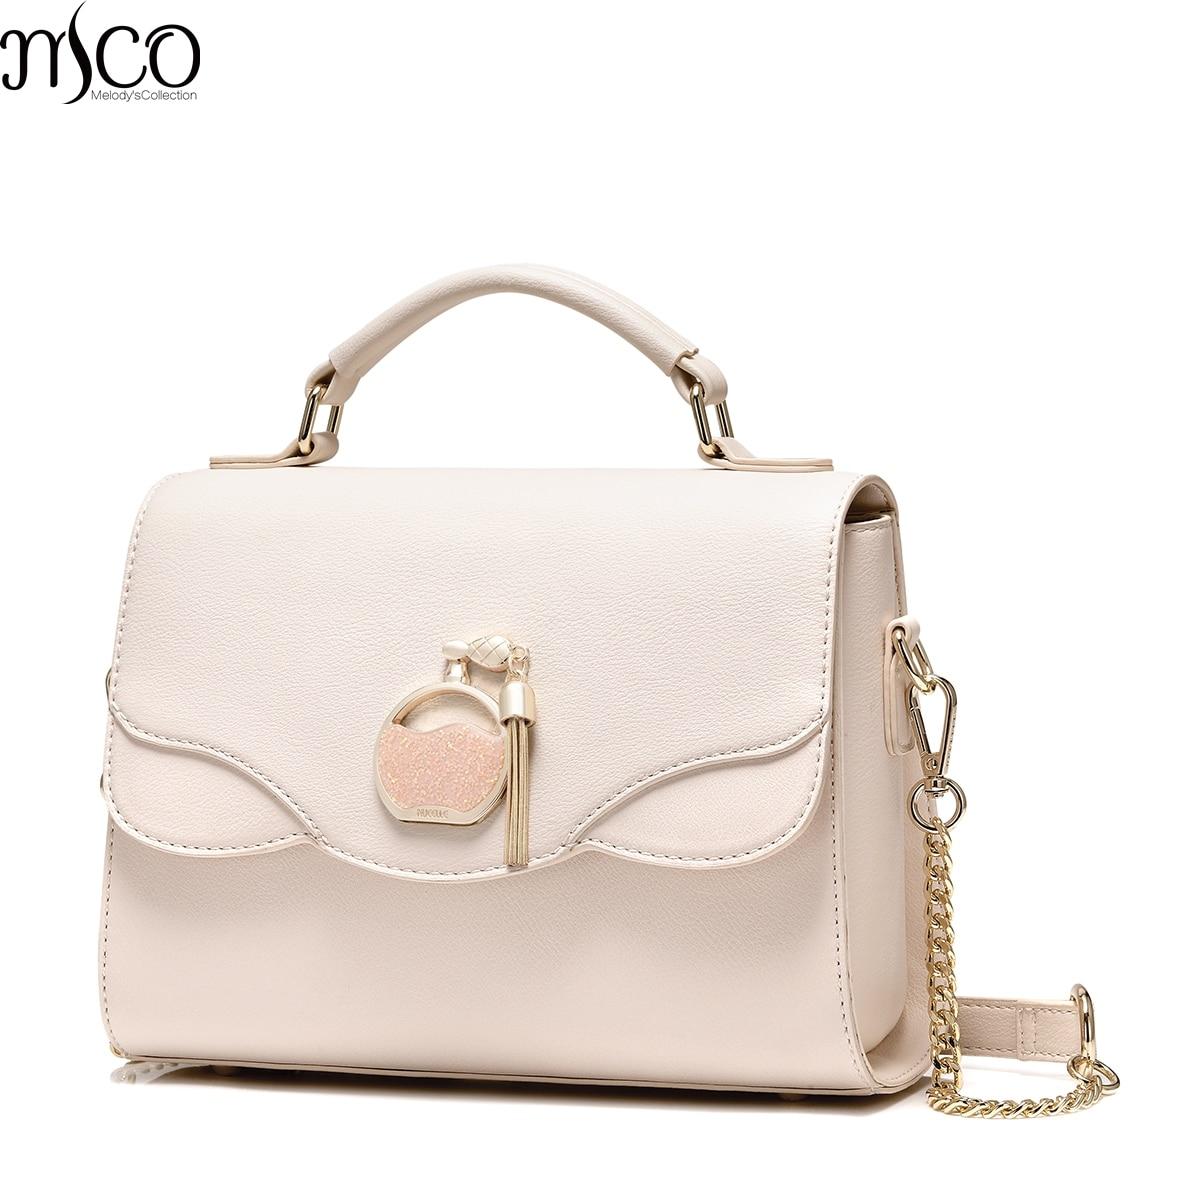 2017 Elegant Sequined Perfume Bottle Women Flap Handbag Brand Design Luxury Tassels Shoulder Bags Ladies Crossbody Messenger Bag-in Shoulder Bags from Luggage & Bags    1